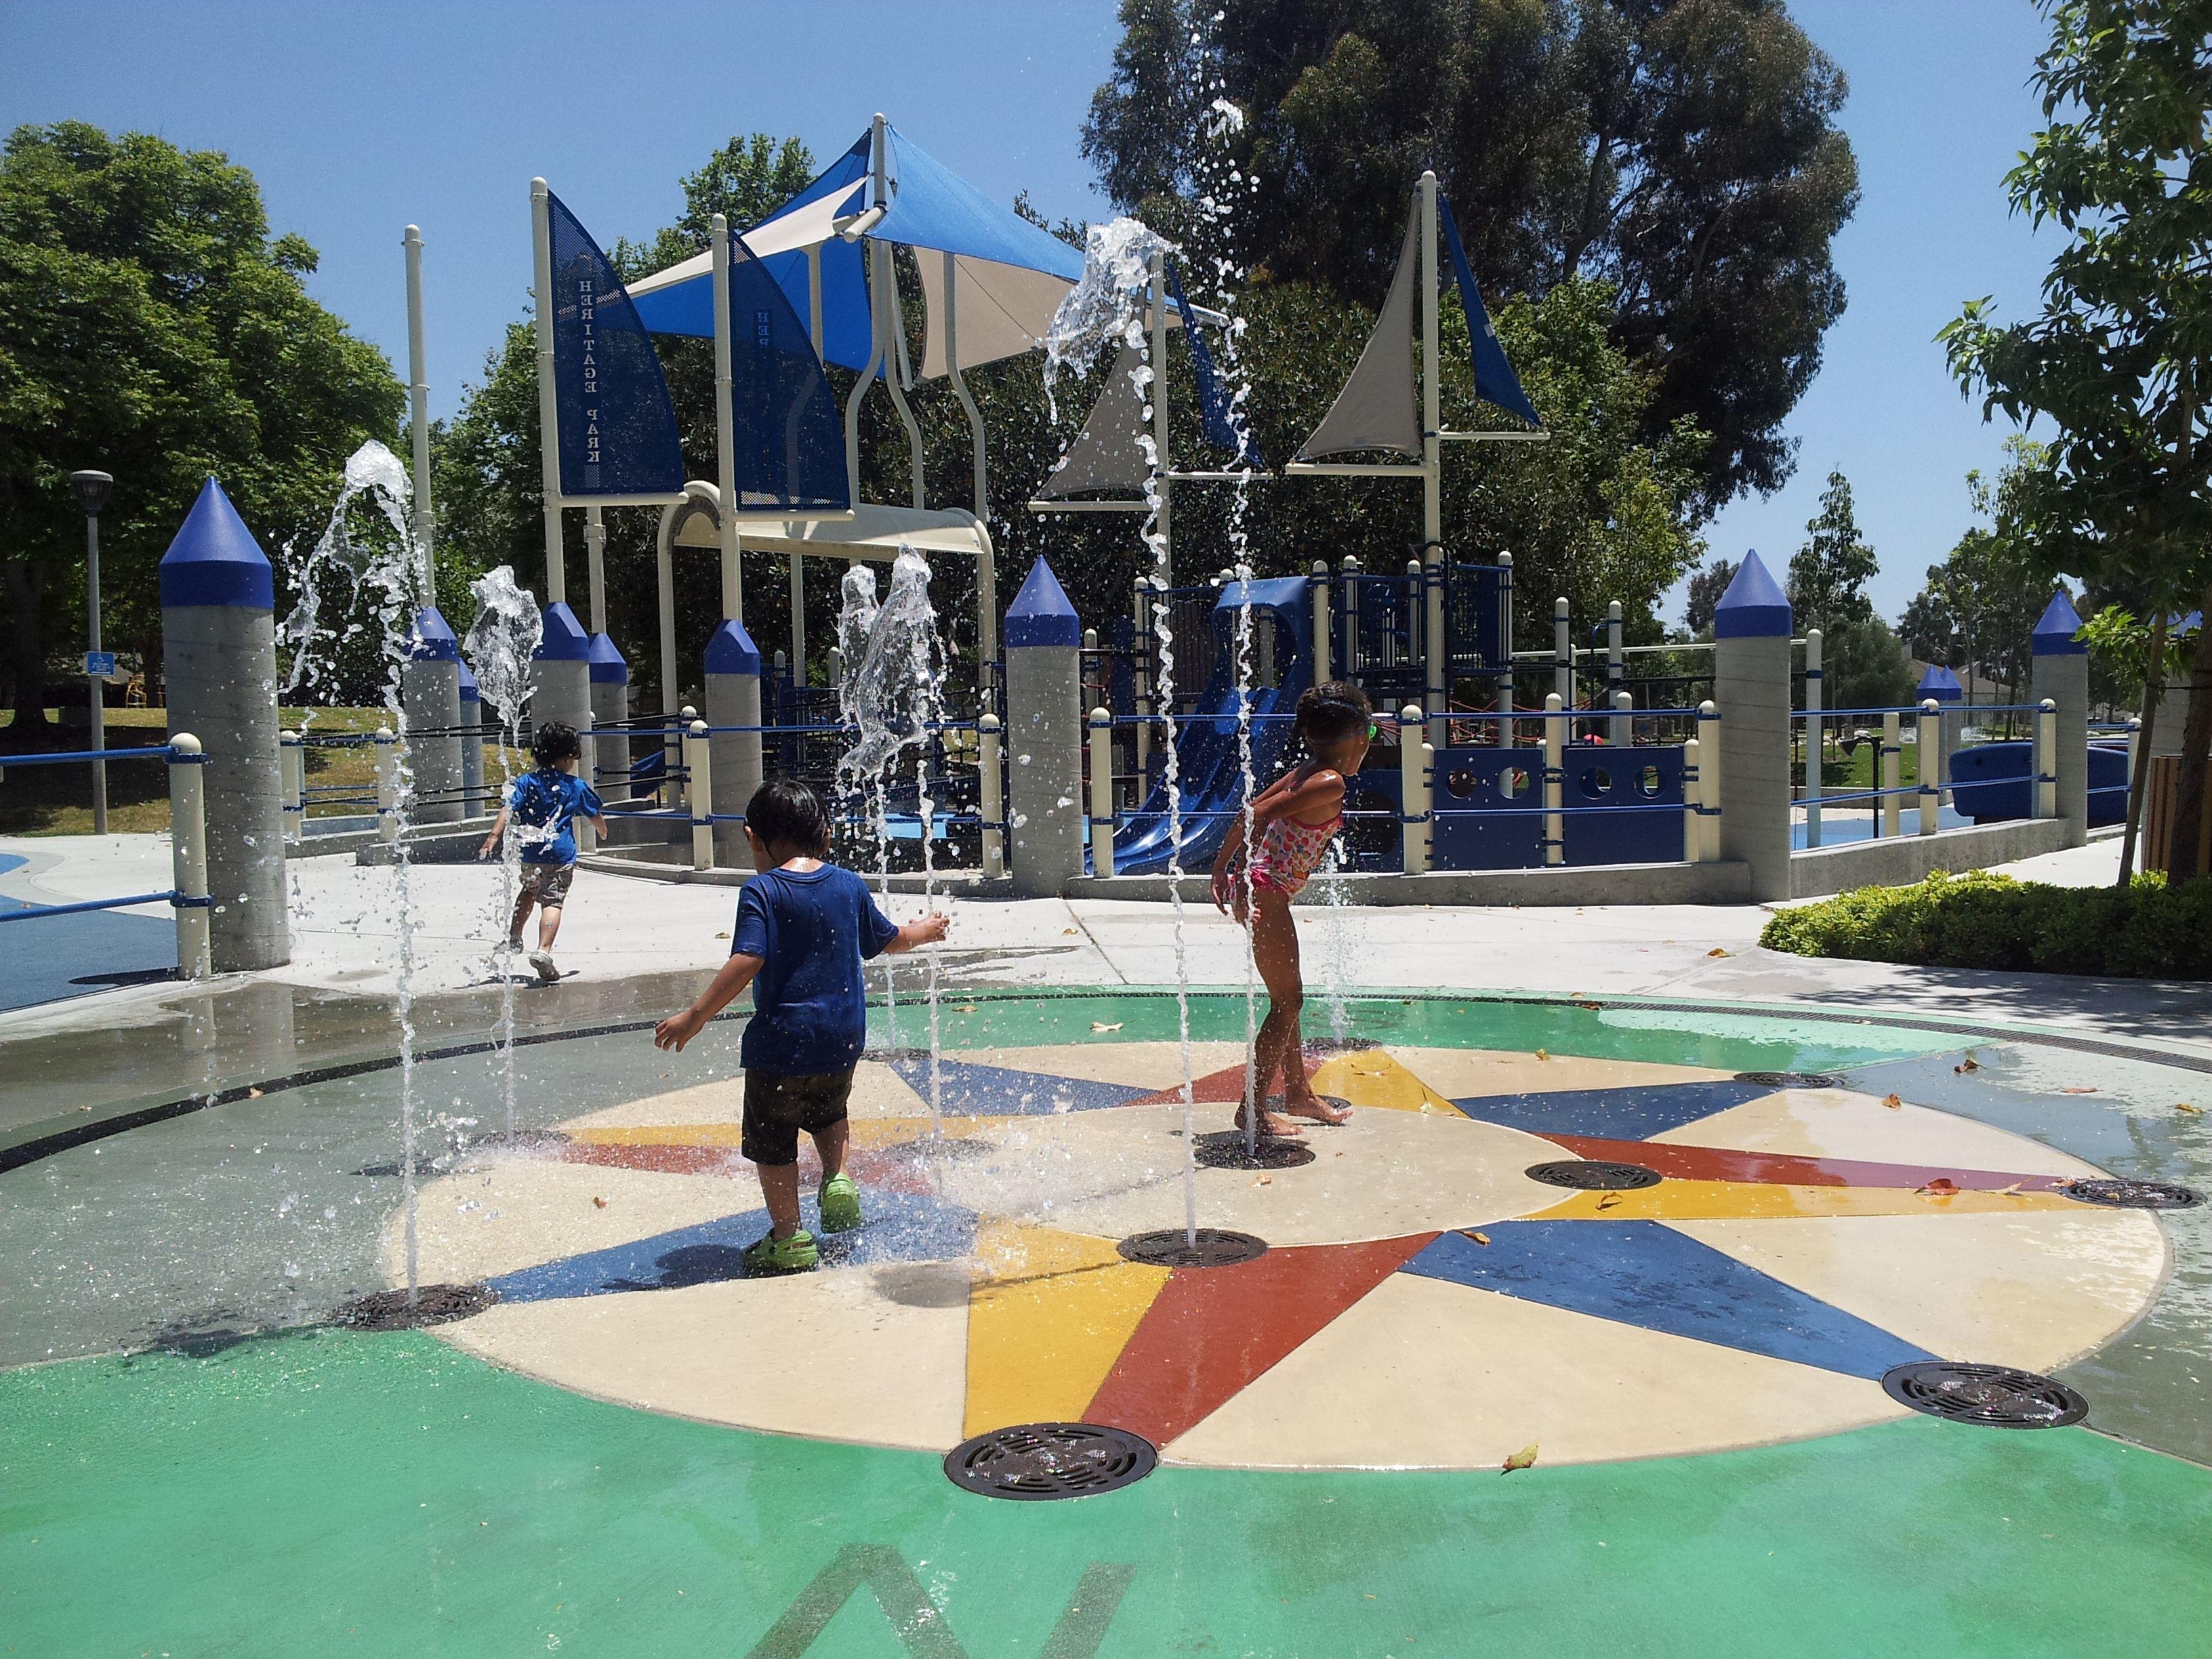 Splash Pad Heritage Park Irvine